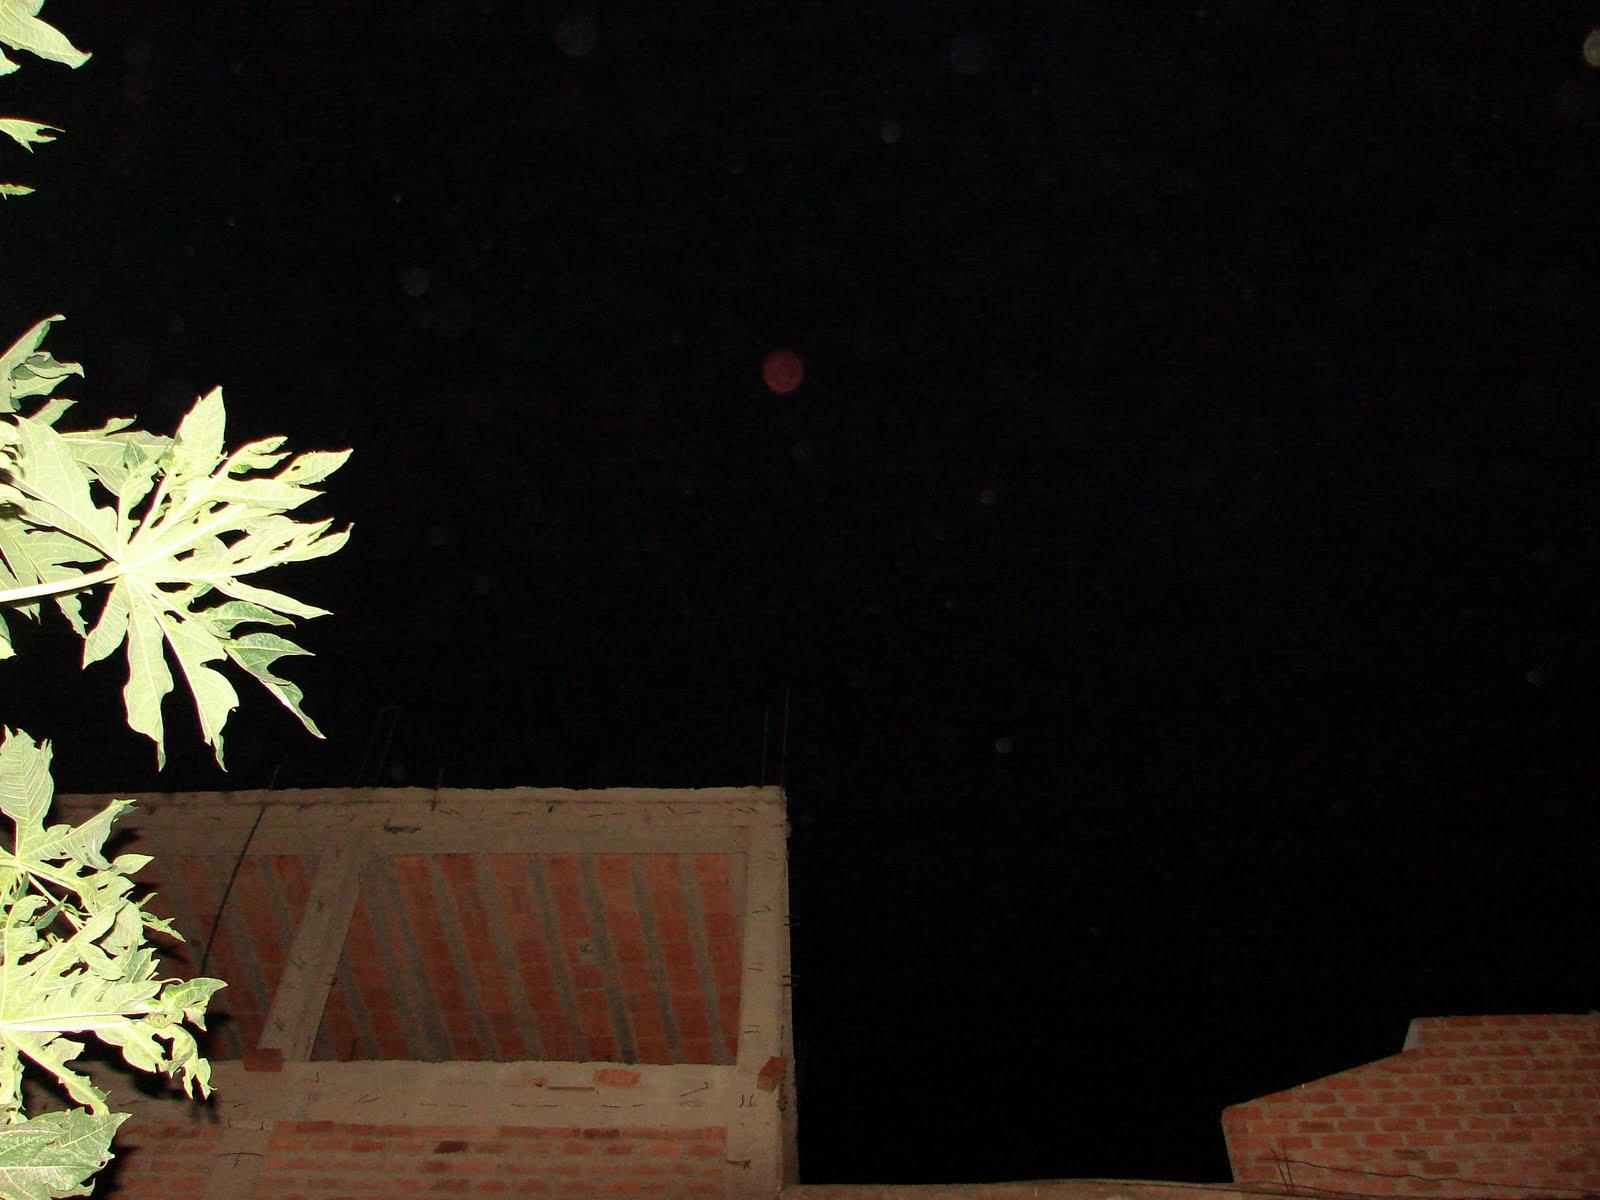 8-marzo-9-10-11-12-13...2011...espectacular sec Meteorito rojo Orbitandonos...sec,,ufo..